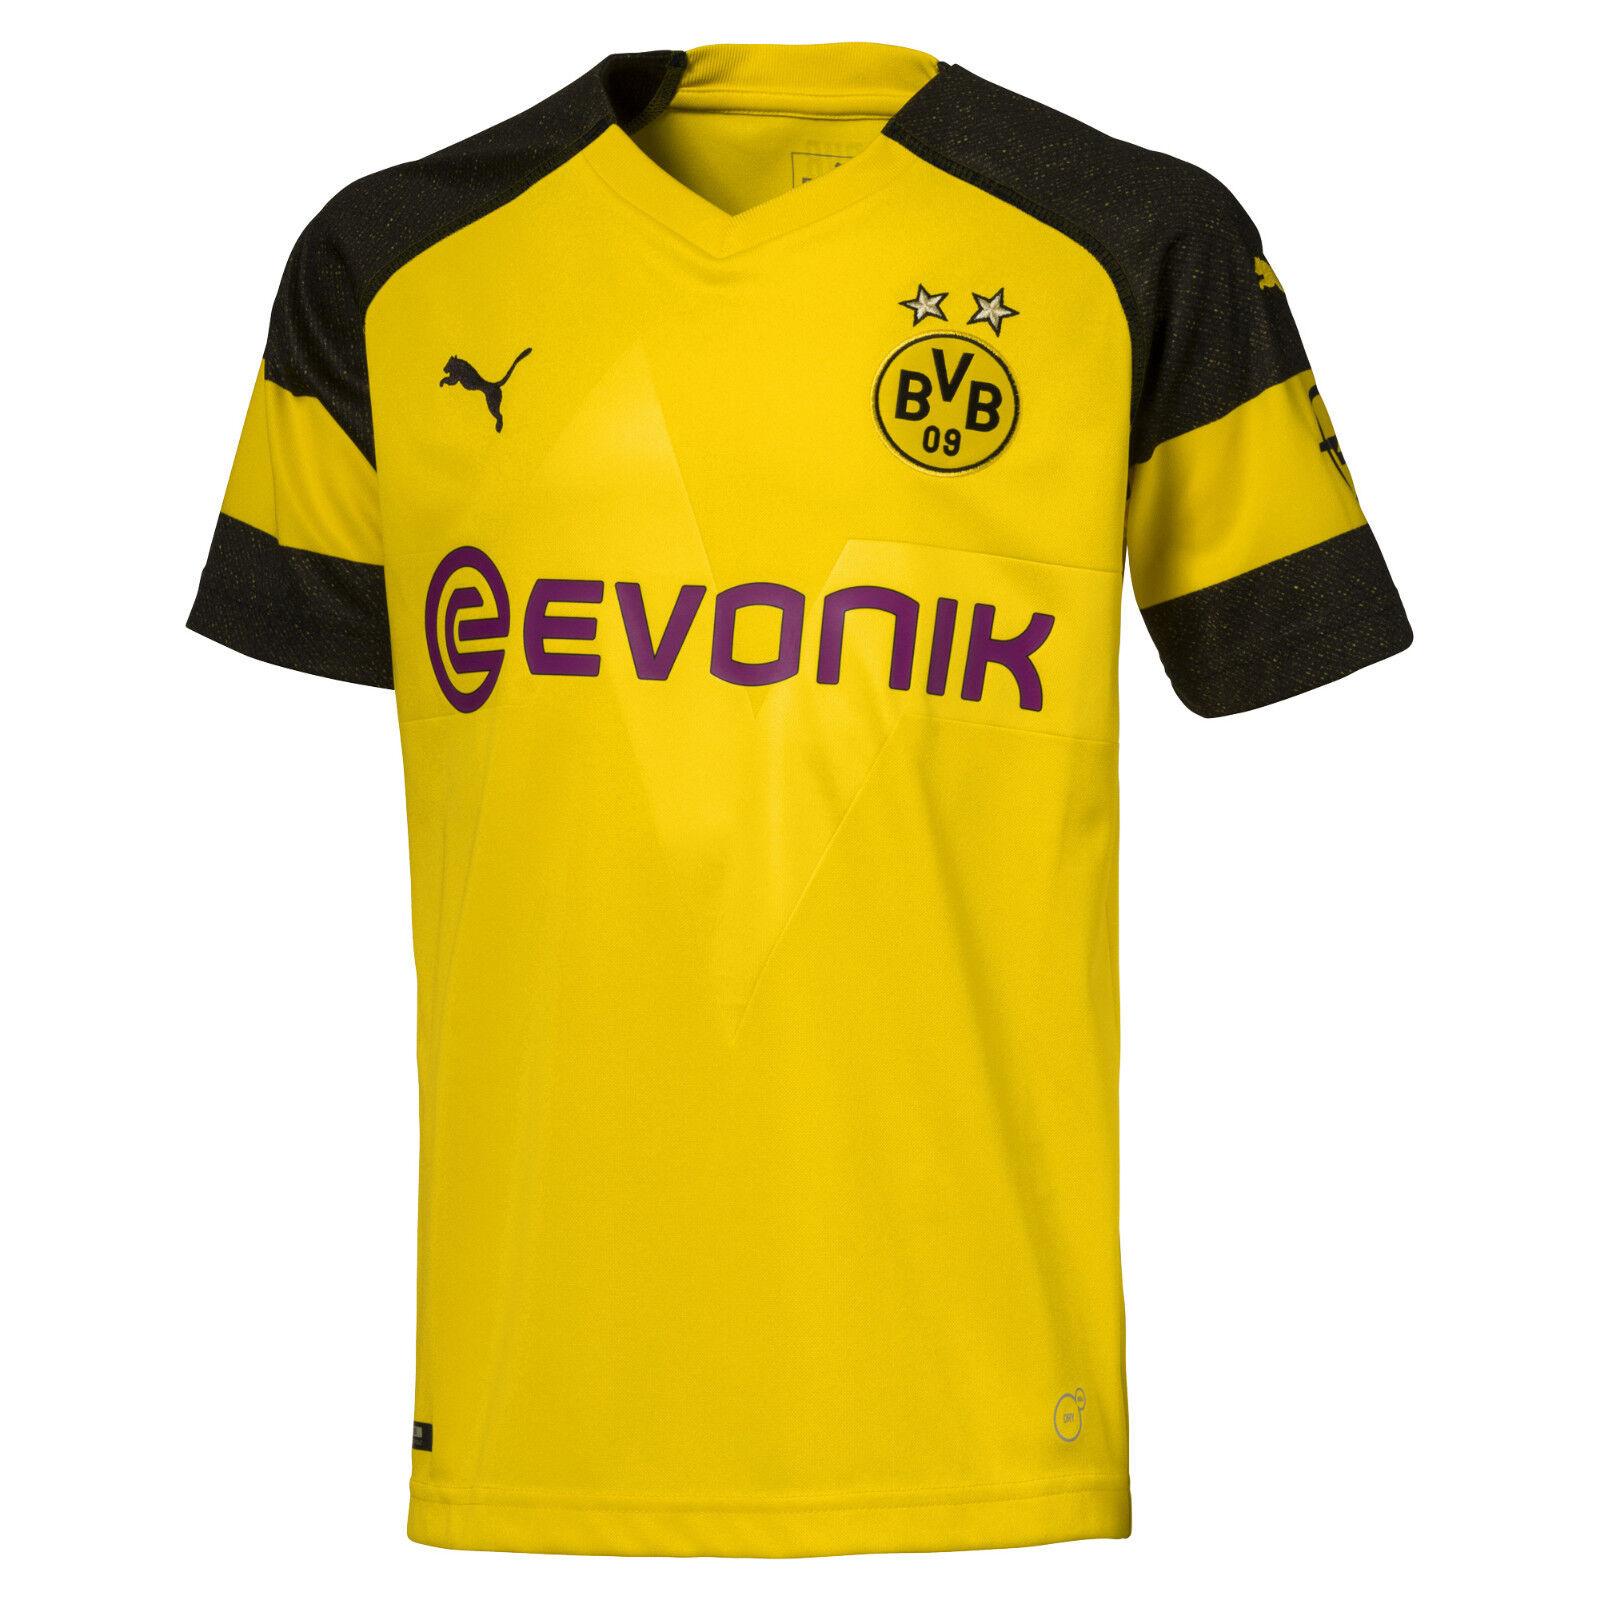 BVB Heim-Trikot Borussia Dortmund Heim Trikot Home Saison 18/19 DELANEY    DELANEY 6 Gr.L 7bb9f3